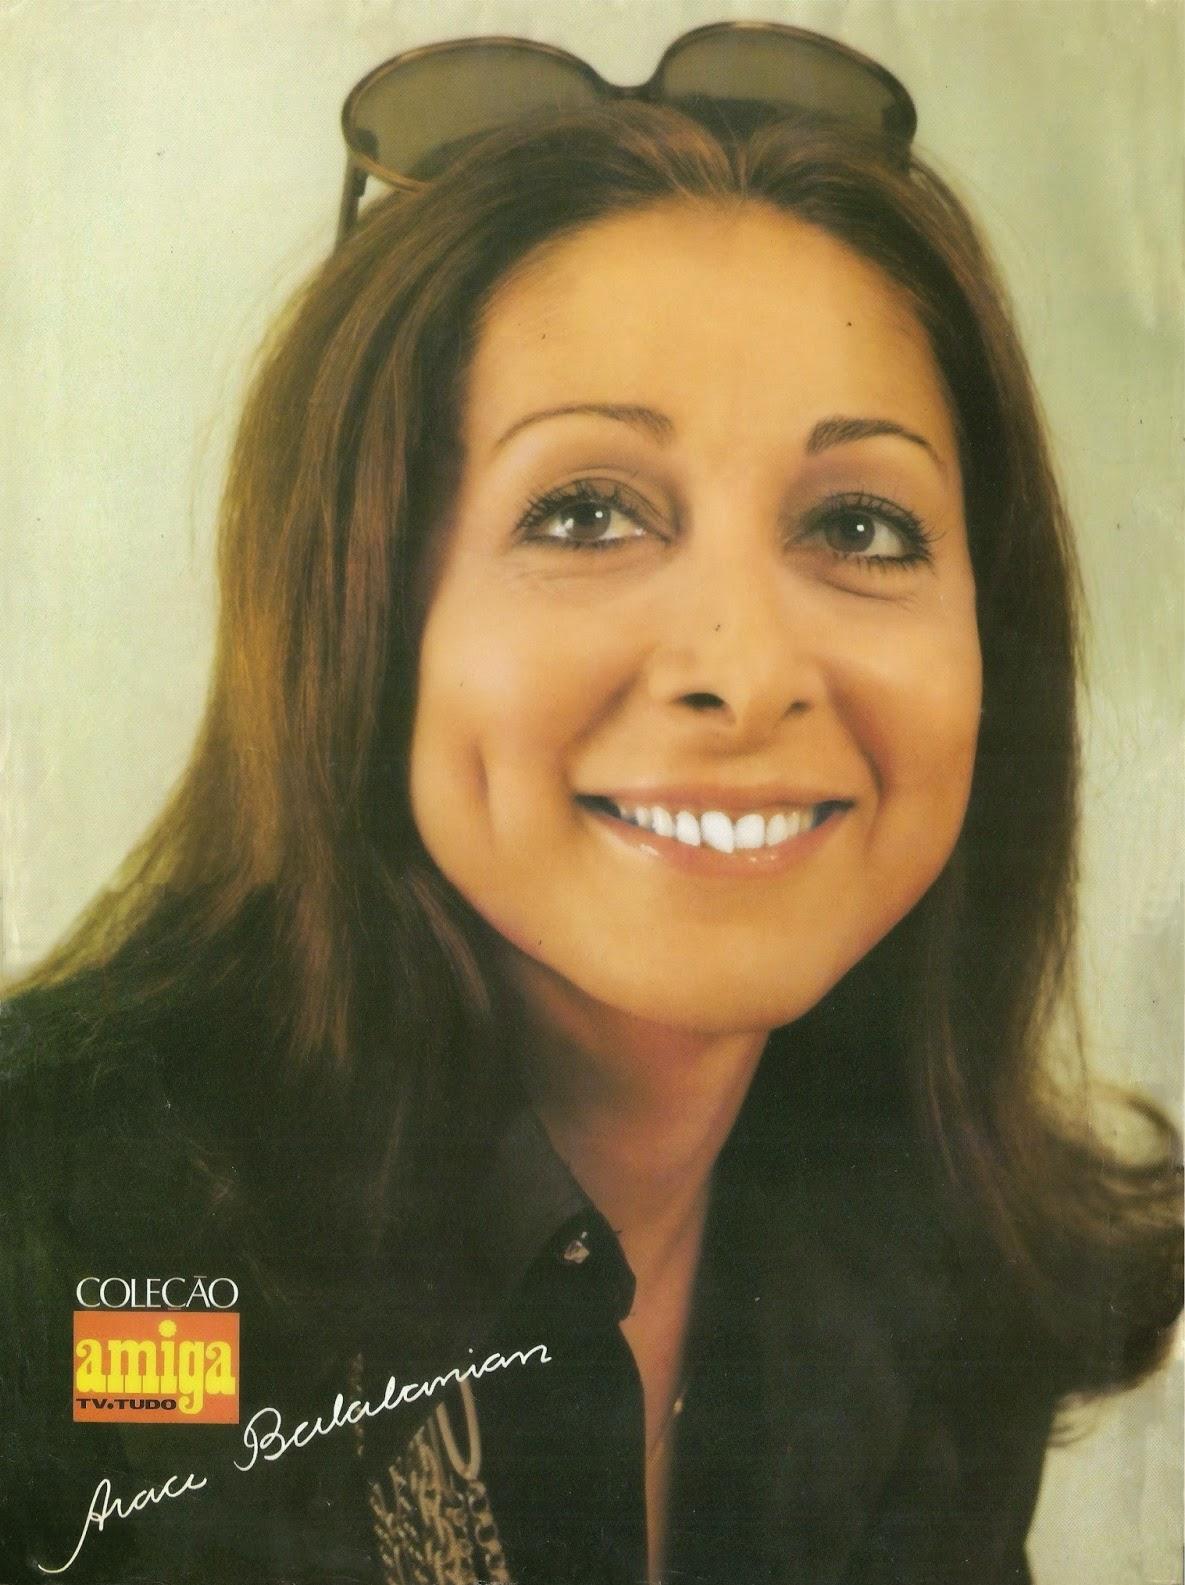 Aracy Balabanian Cool revista amiga e novelas: poster : araci balabanian